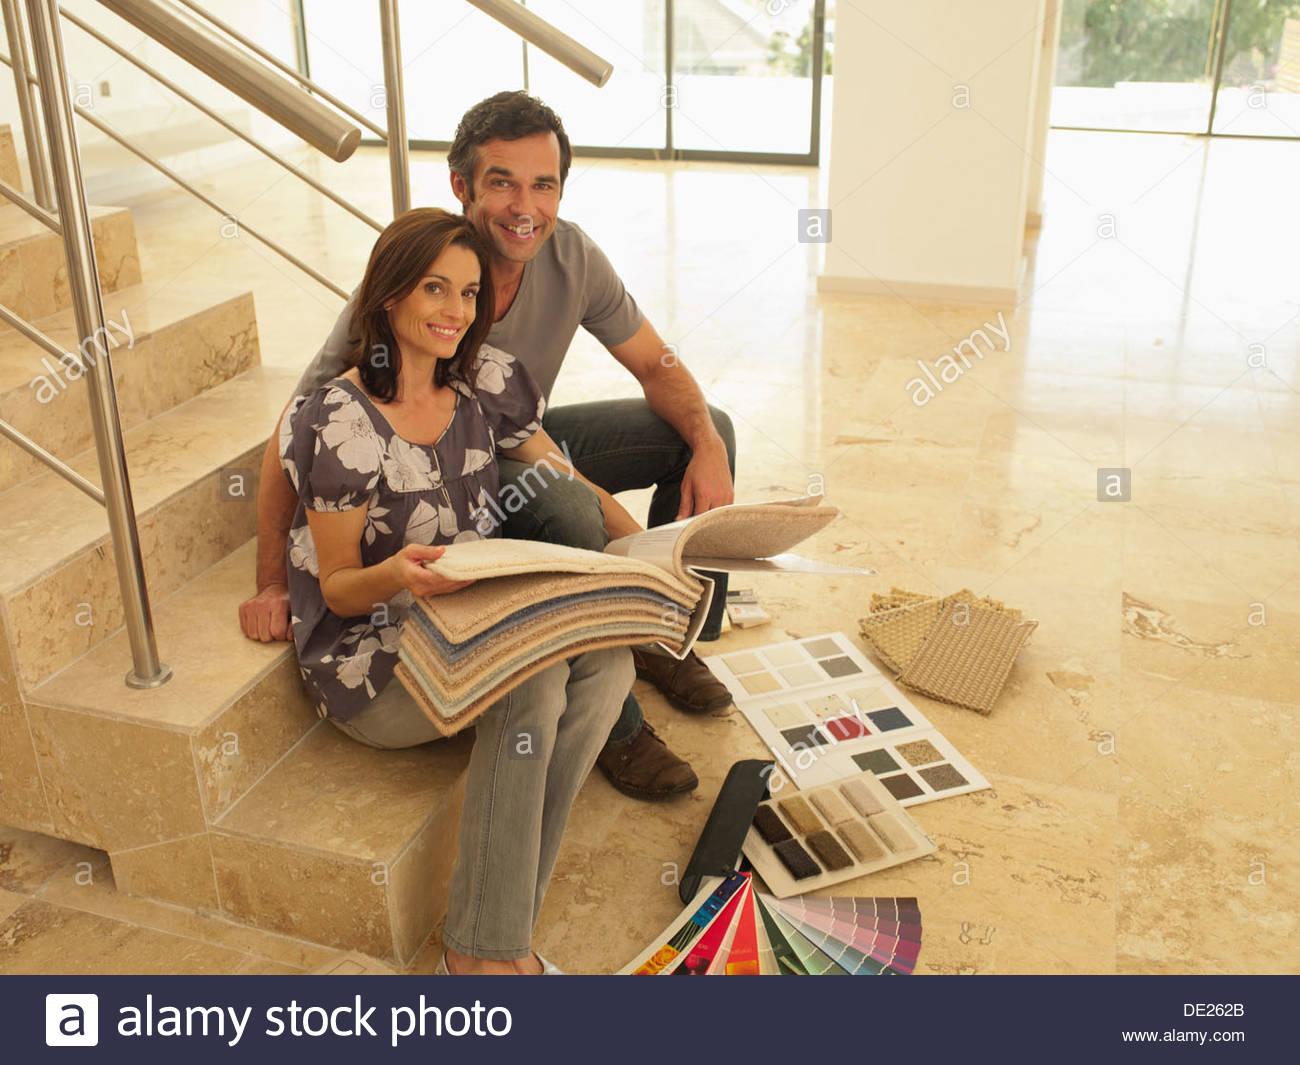 Pareja mirando las muestras de alfombras en casa vacía Imagen De Stock